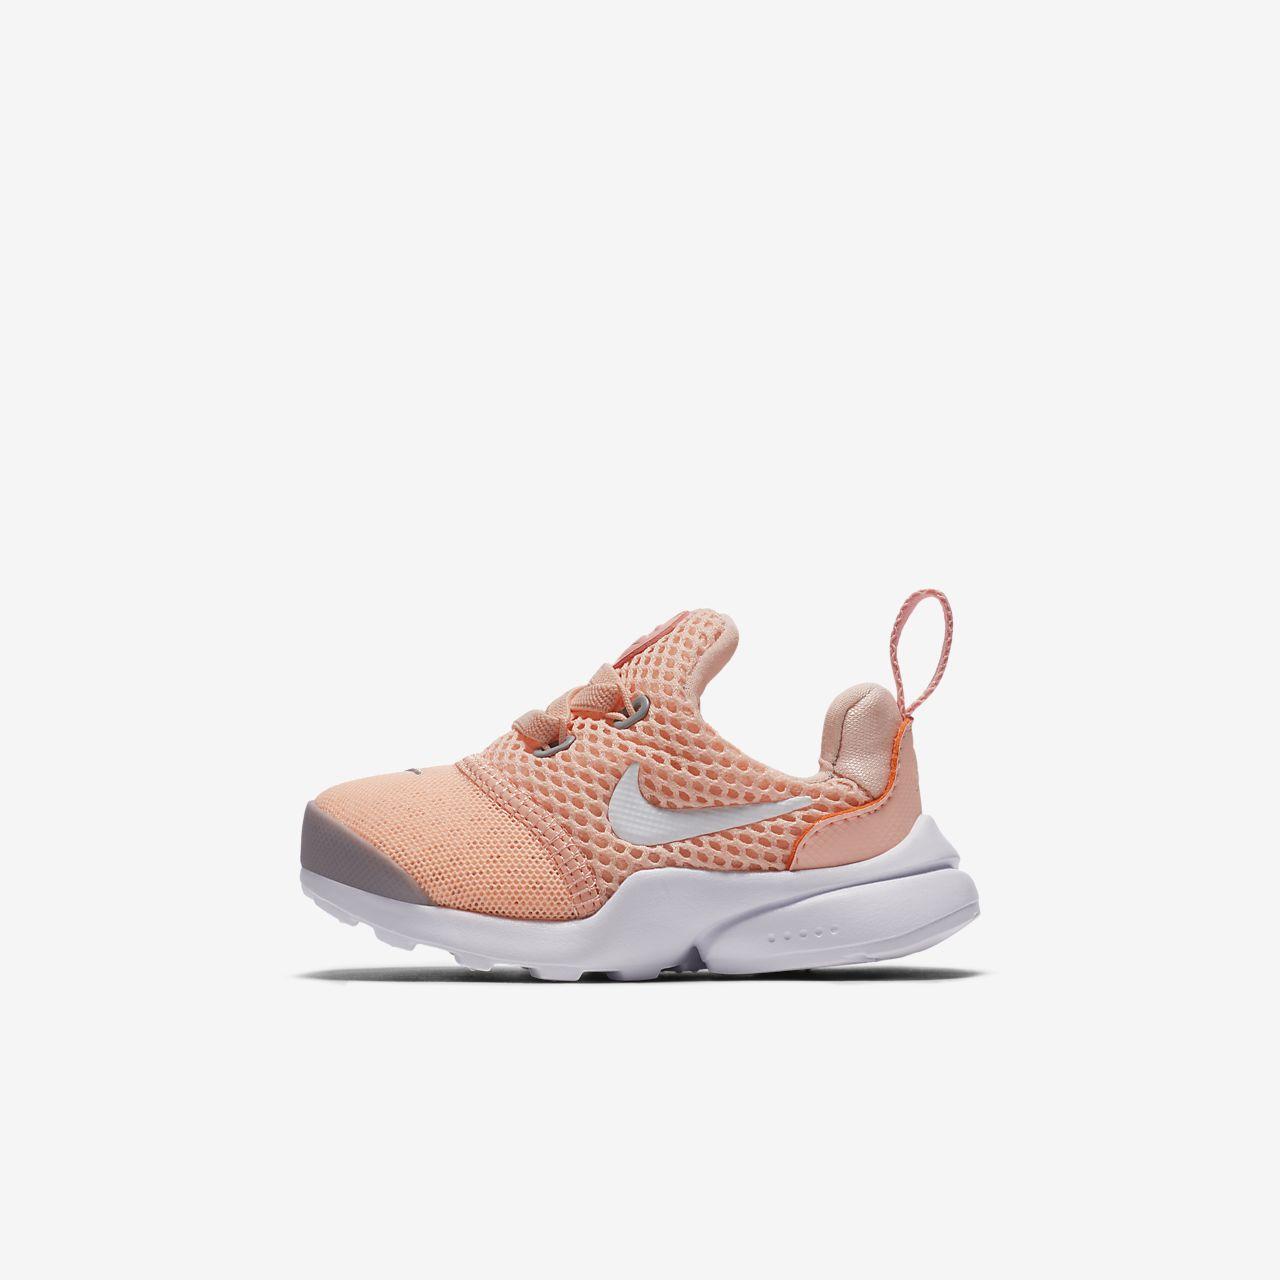 Nike Presto Fly Kleinkinderschuh - Rot 9BCOnFi